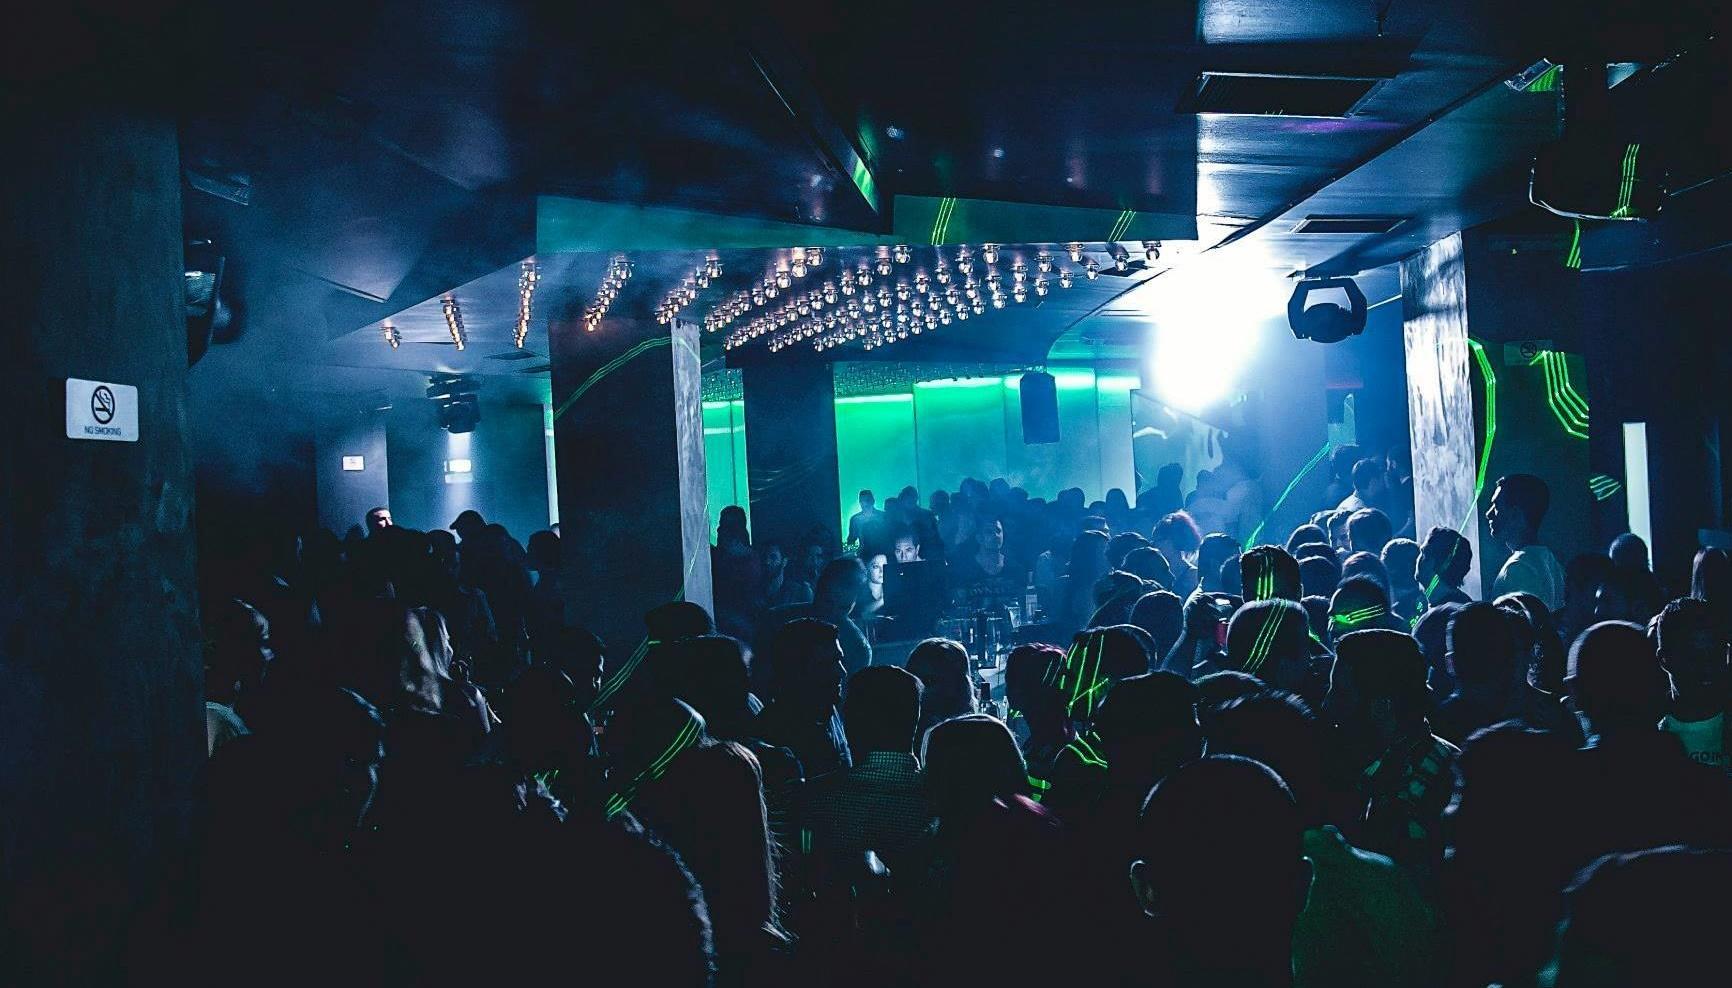 Ένα νέο nightclub ετοιμάζεται να ανοίξει τις πόρτες του στην καρδιά της πόλης